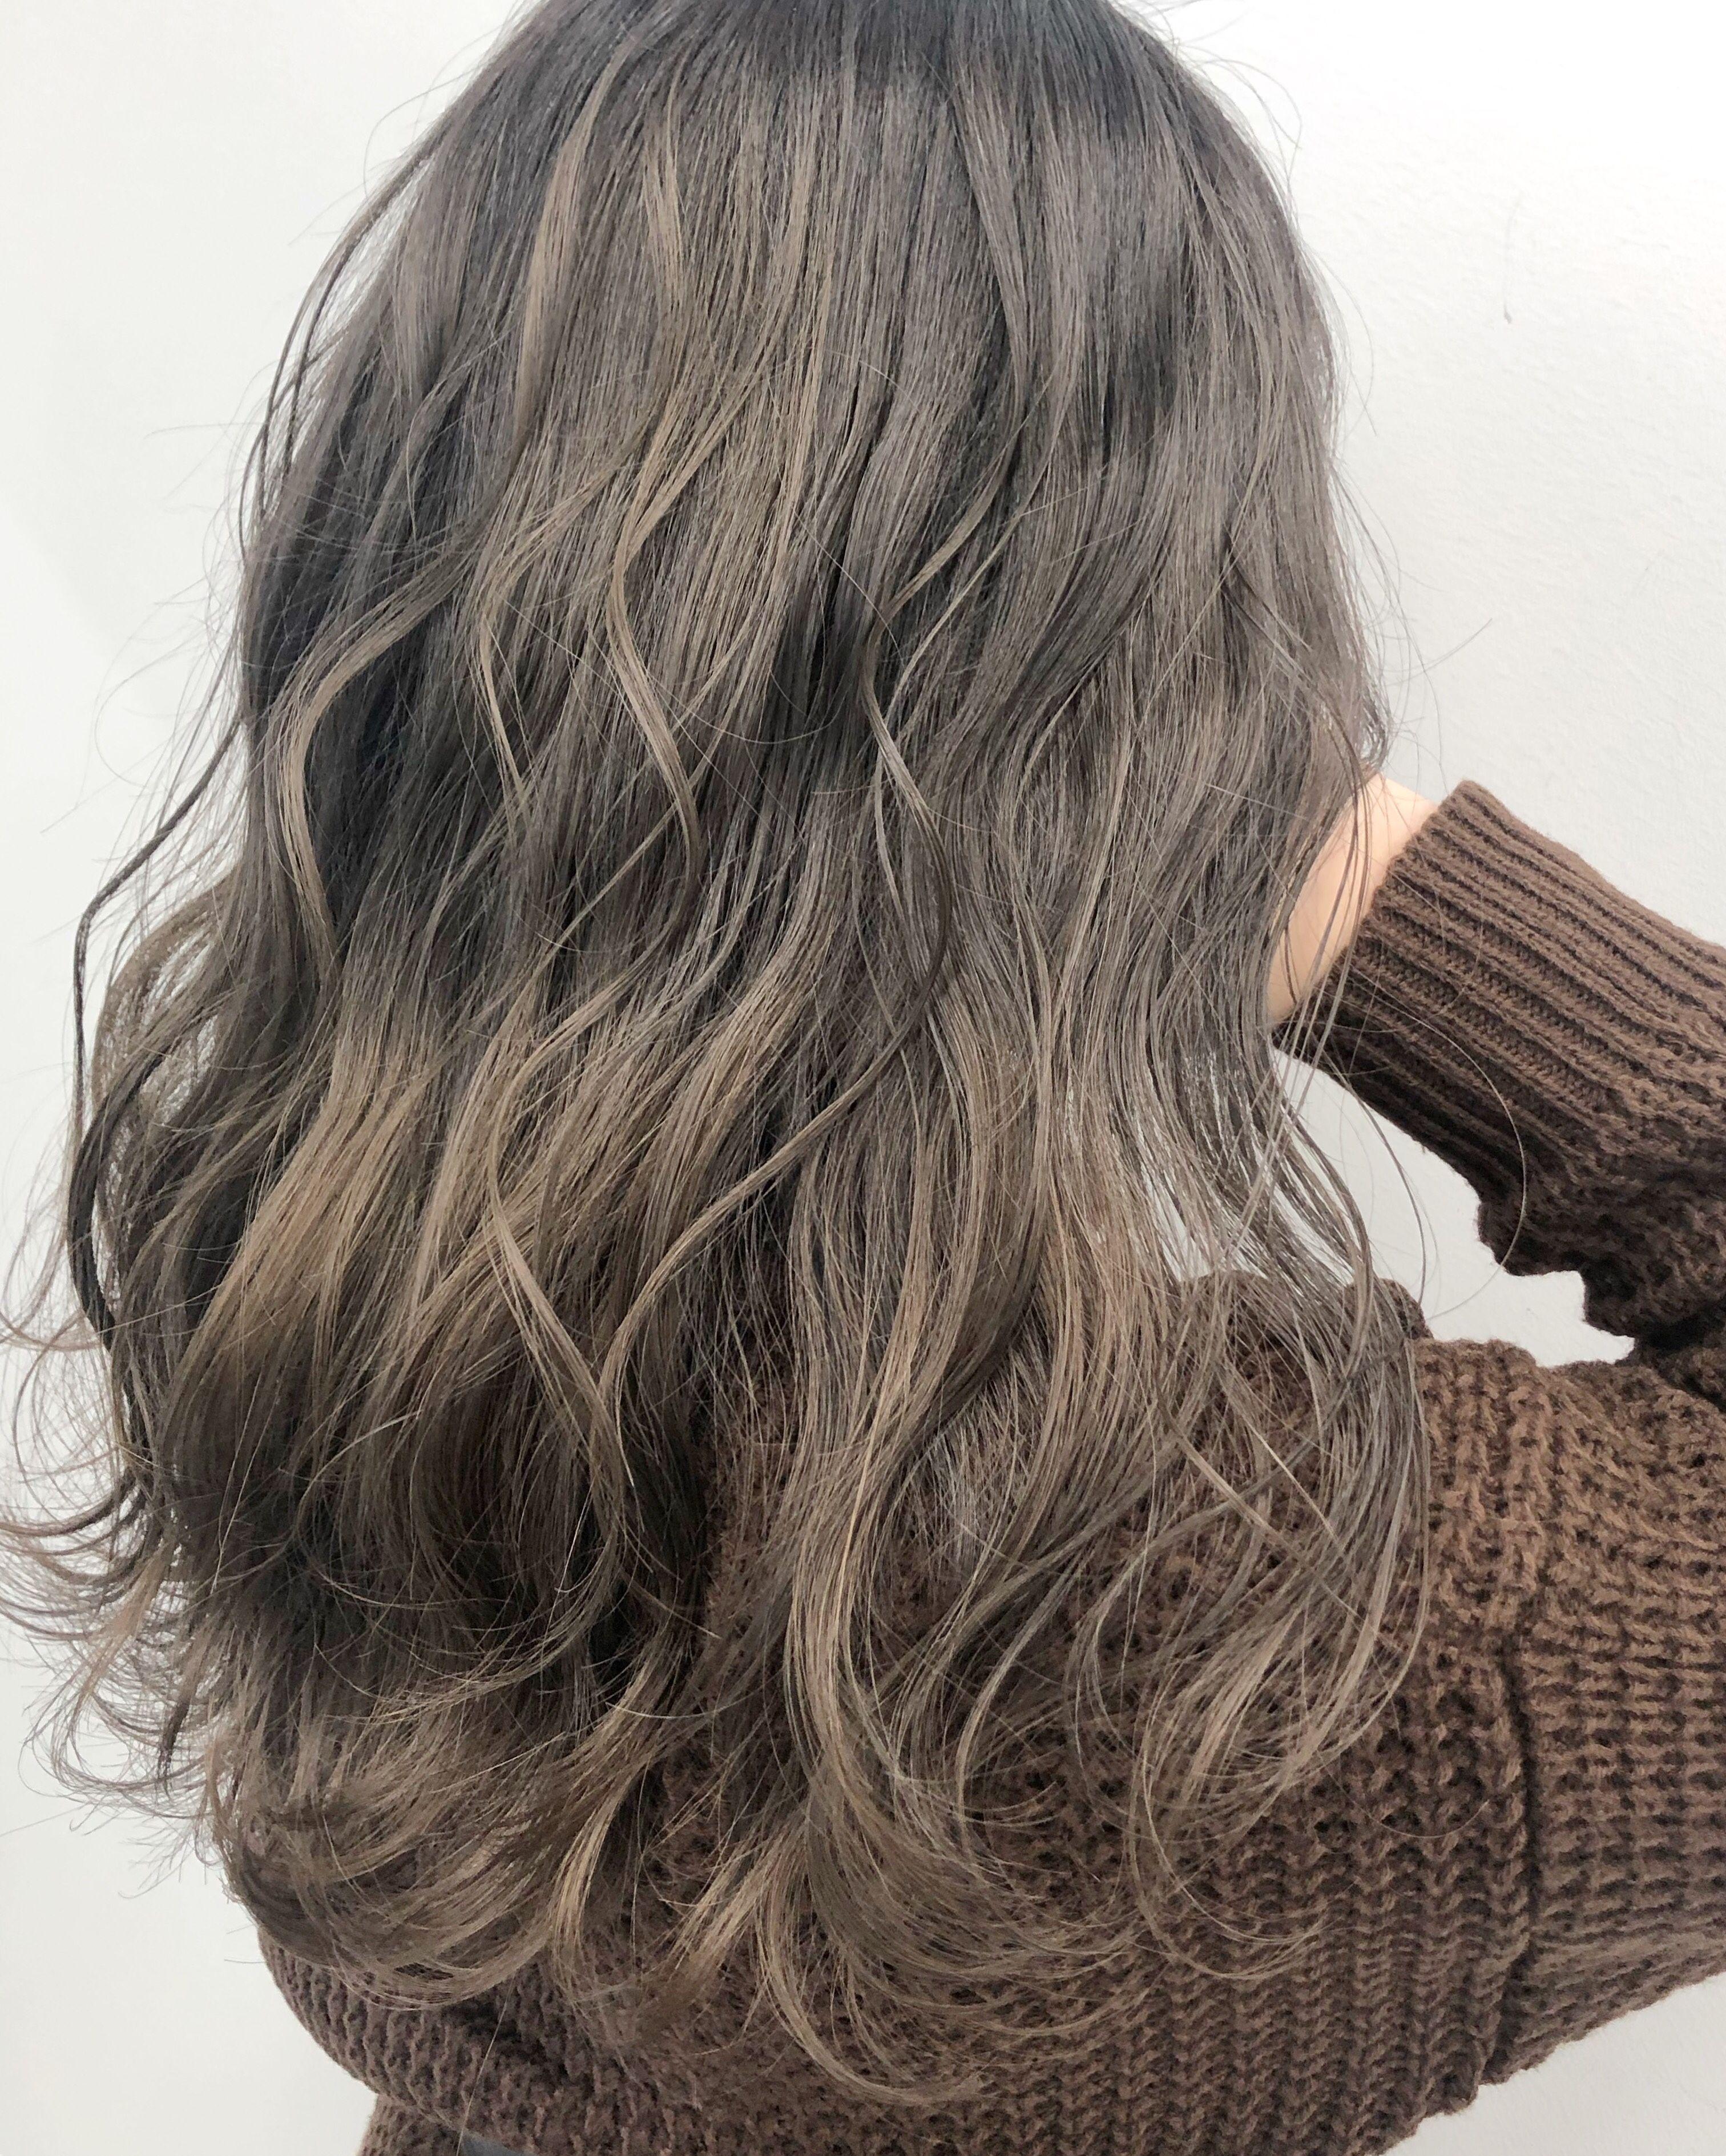 冬でも明るくしたい方にオススメなのがミルクティーベージュカラー 白土 髪色 ミルクティー ヘア アイディア ヘアスタイリング